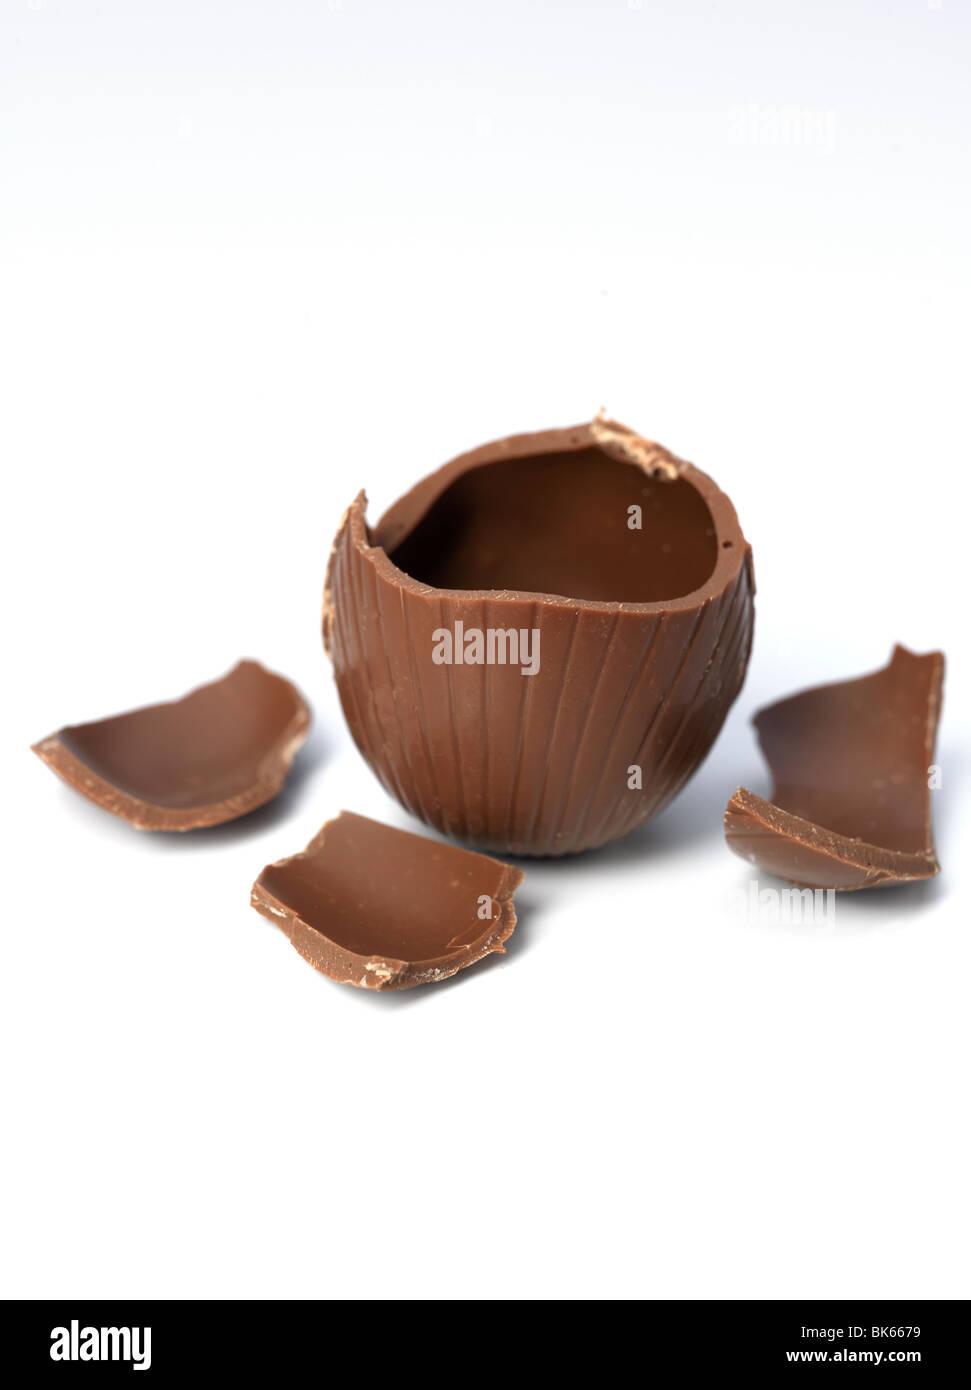 Rotture di uovo di cioccolato. Immagini Stock